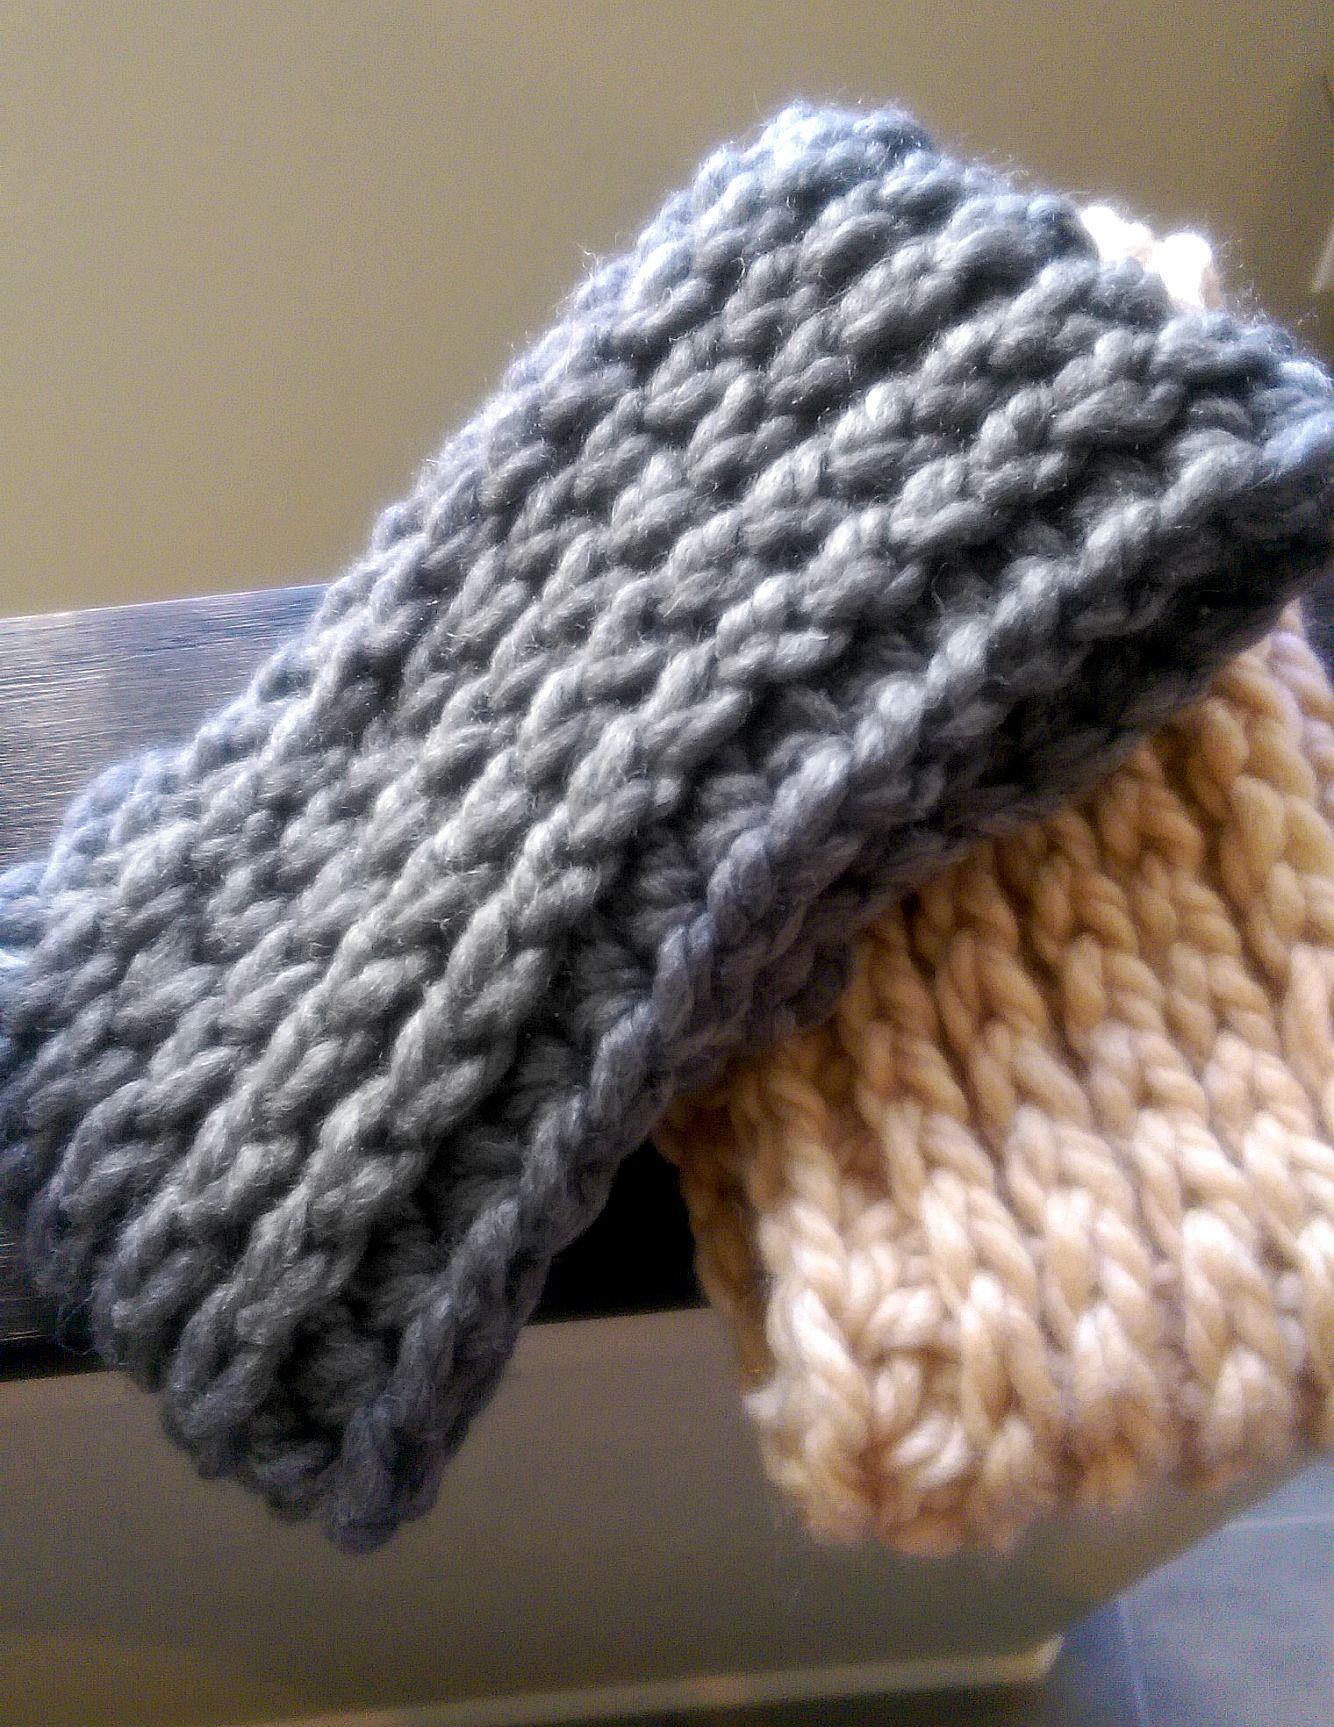 Chunky crochet ear warmer pattern ear warmer crochet pattern chunky crochet ear warmer pattern ear warmer crochet pattern crochet headband pattern beginner crochet patterns chunky headband bankloansurffo Images